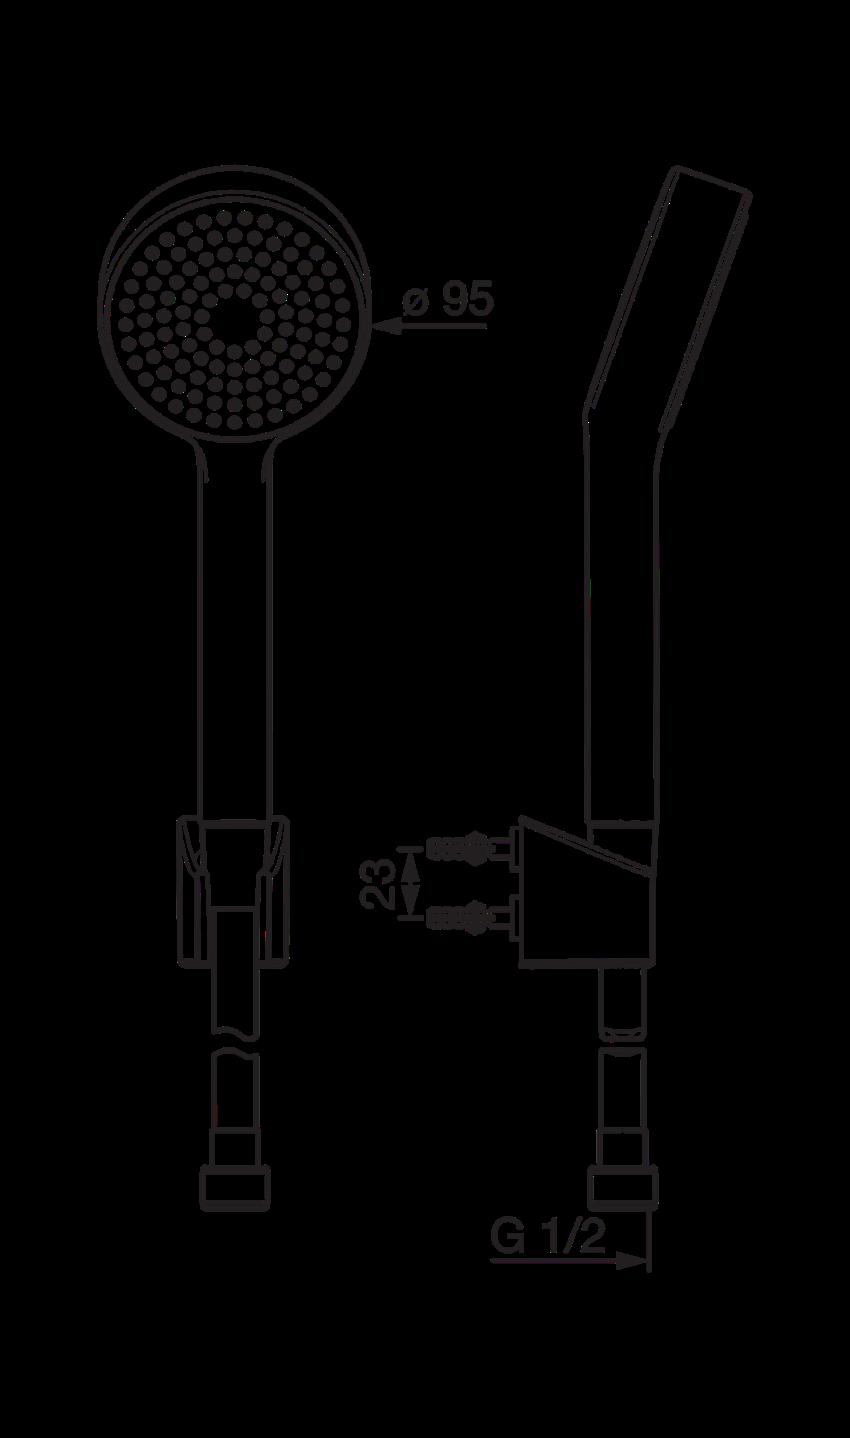 Zestaw natryskowy Oras Apollo rysunek techniczny